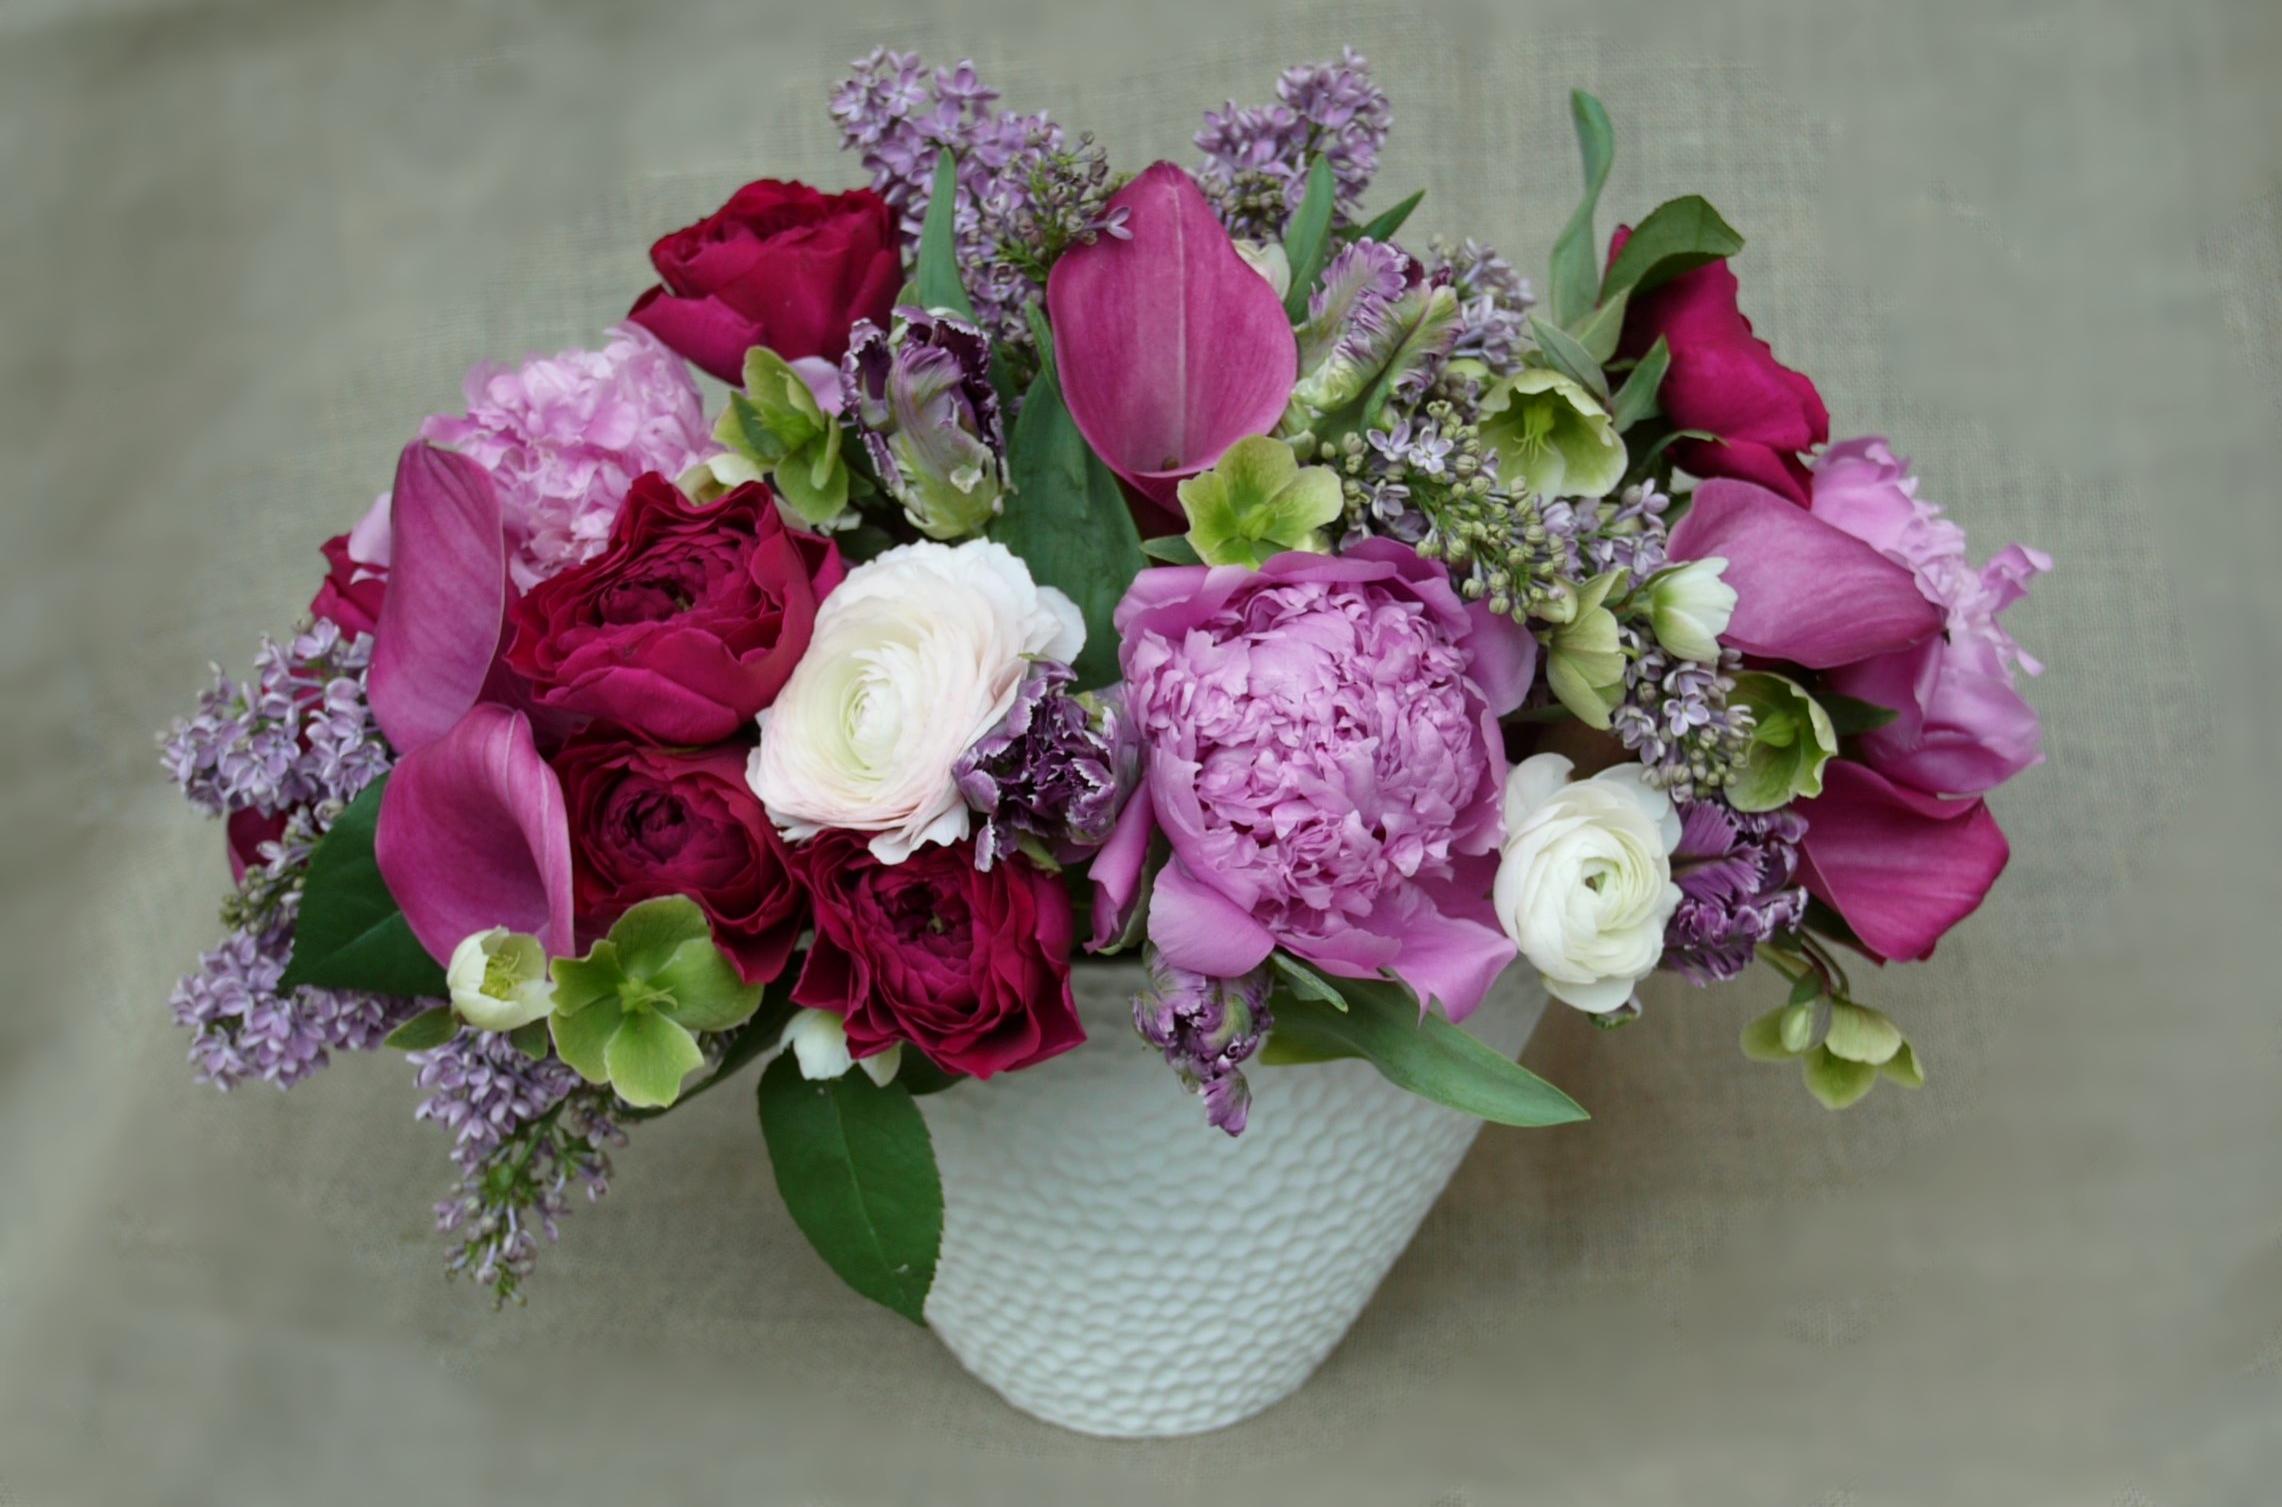 spring flowers with peonies garden roses ranunculus.jpg